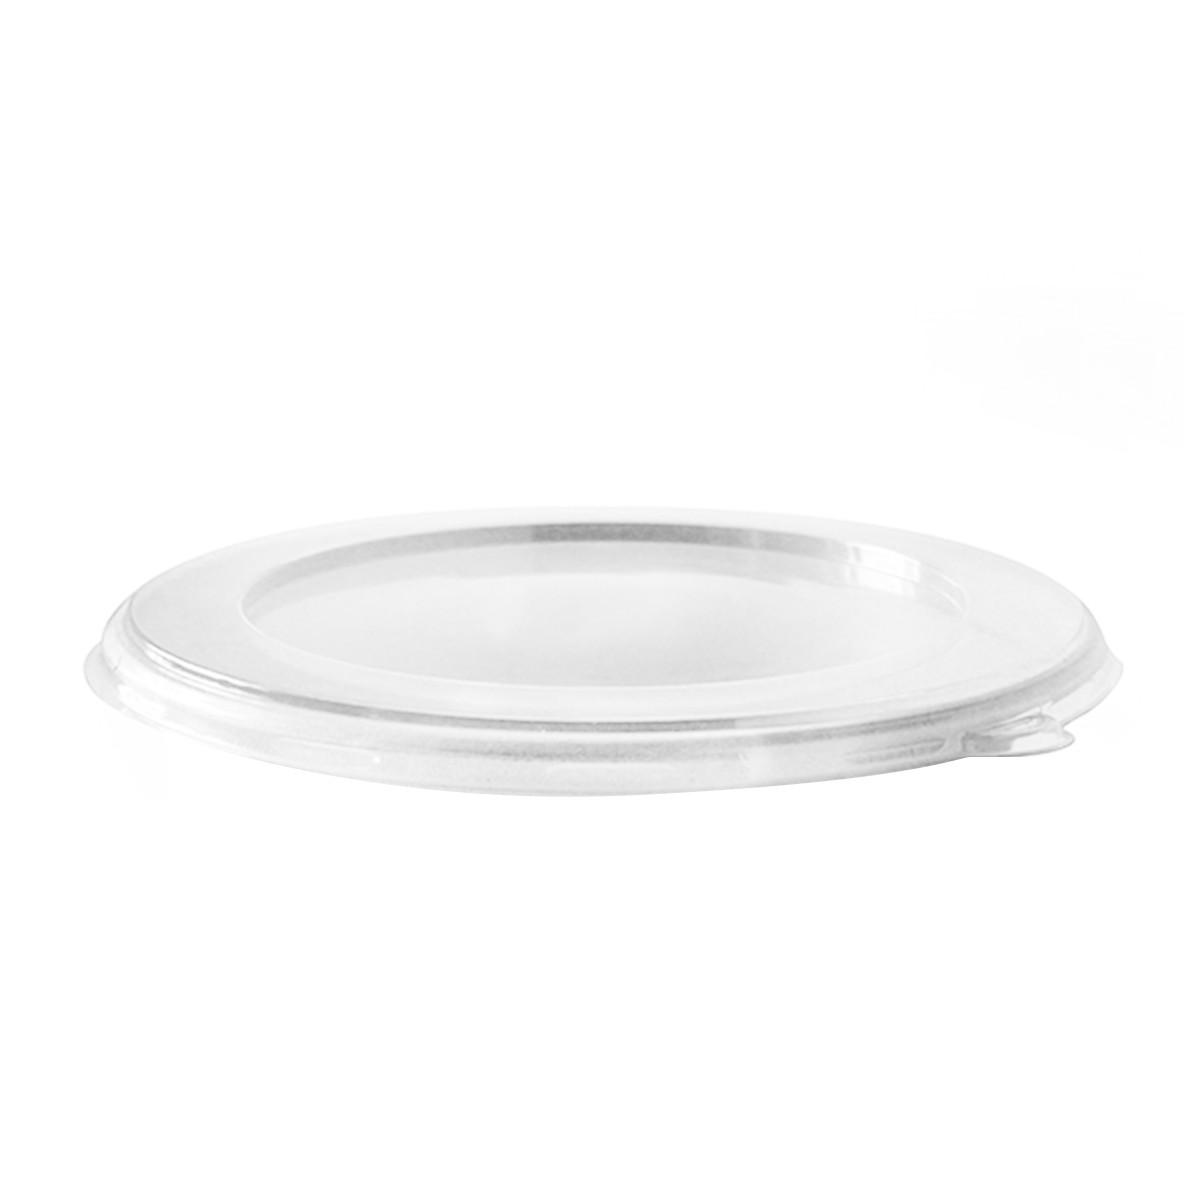 Couvercle plat pour saladier jetable 4.5L